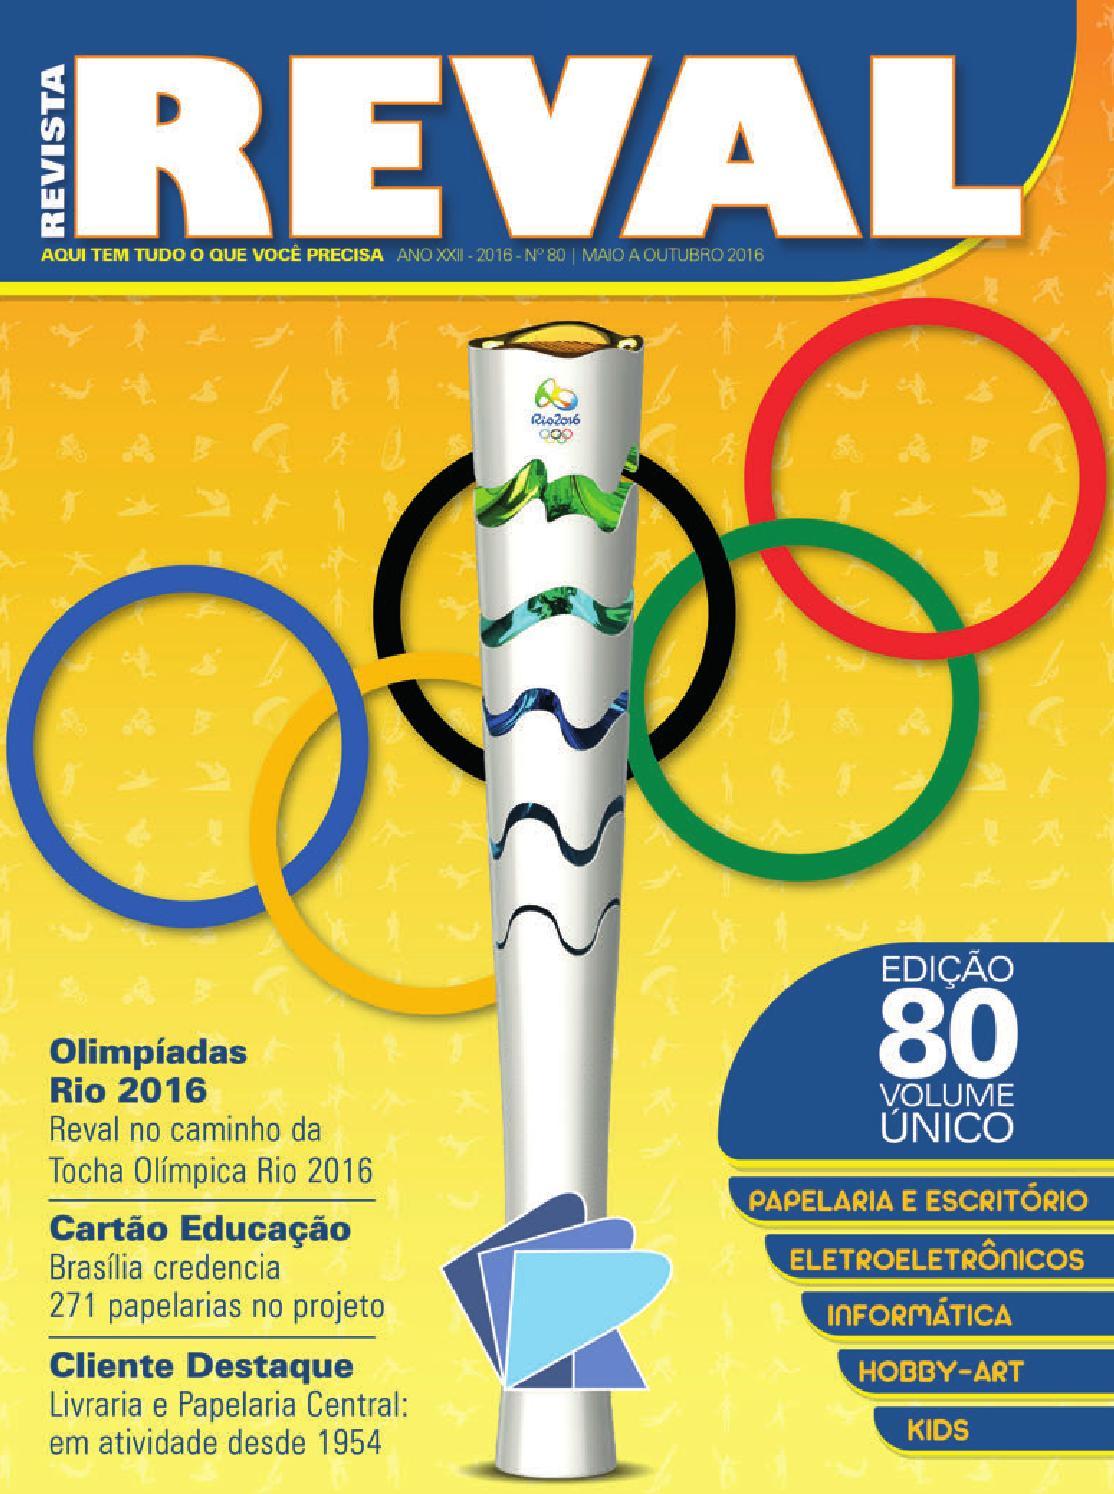 cafeea4f6f8 Revista Reval 80 - Parte 01 by Reval Atacado de Papelaria Ltda. - issuu